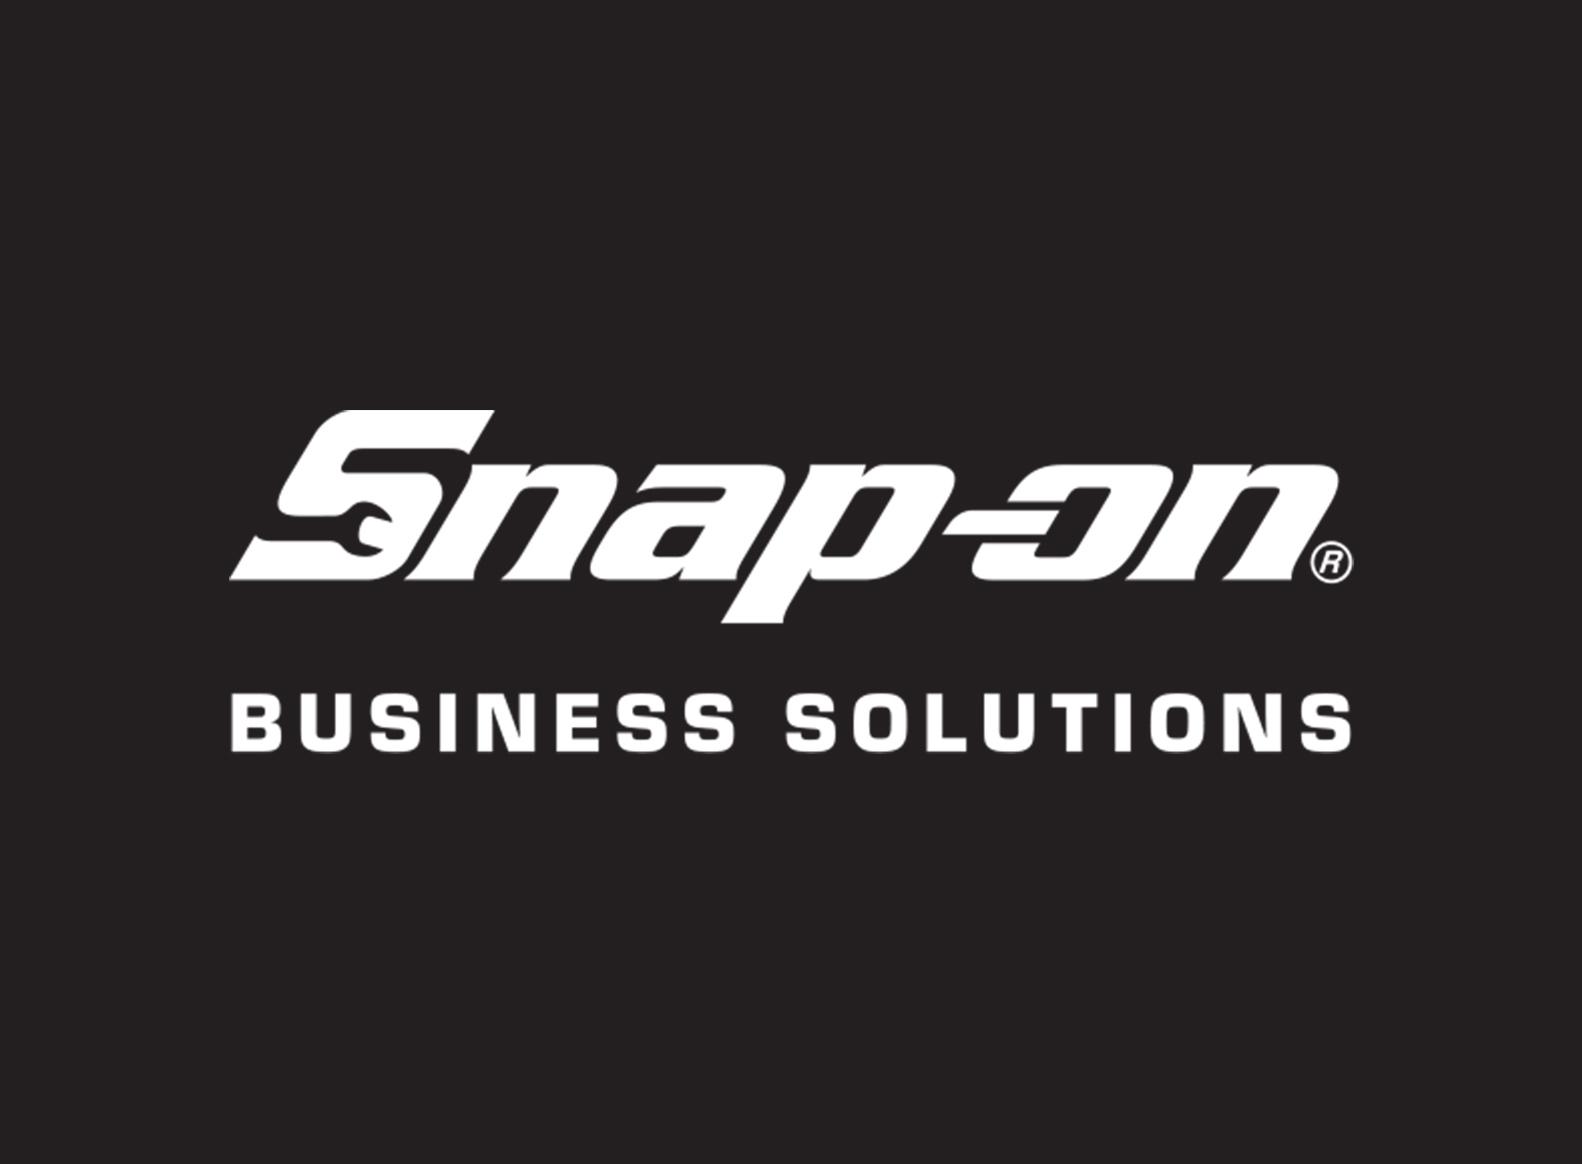 Dealer-FX Snap-on EPC Integration